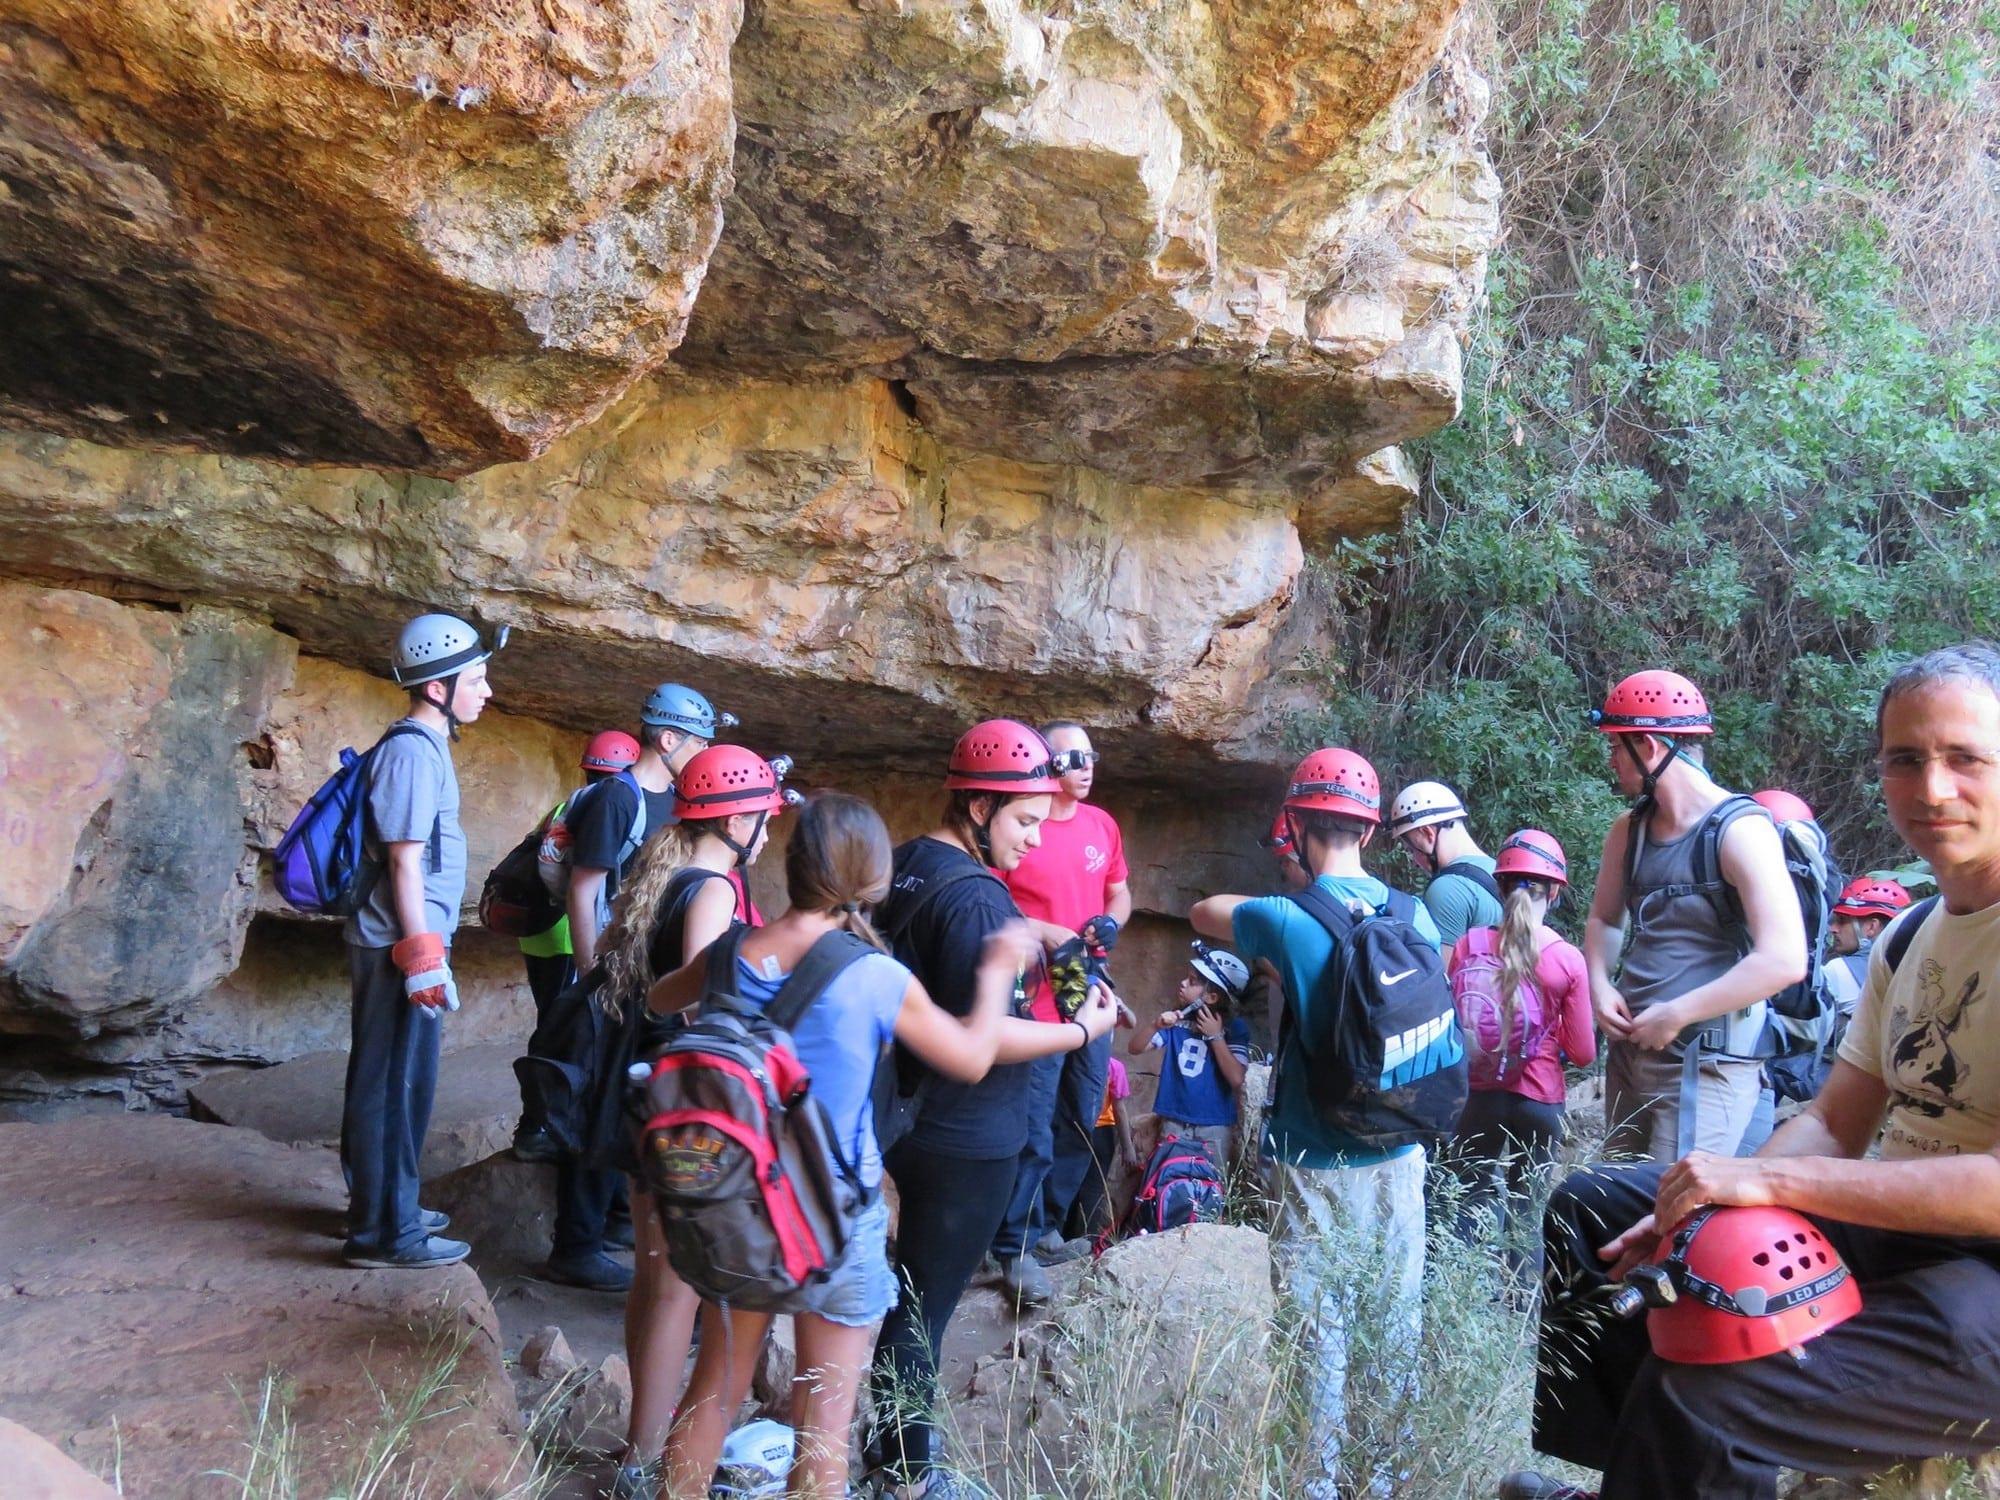 מסלול אתגרי במערת עלמה - ערוצים בטבע